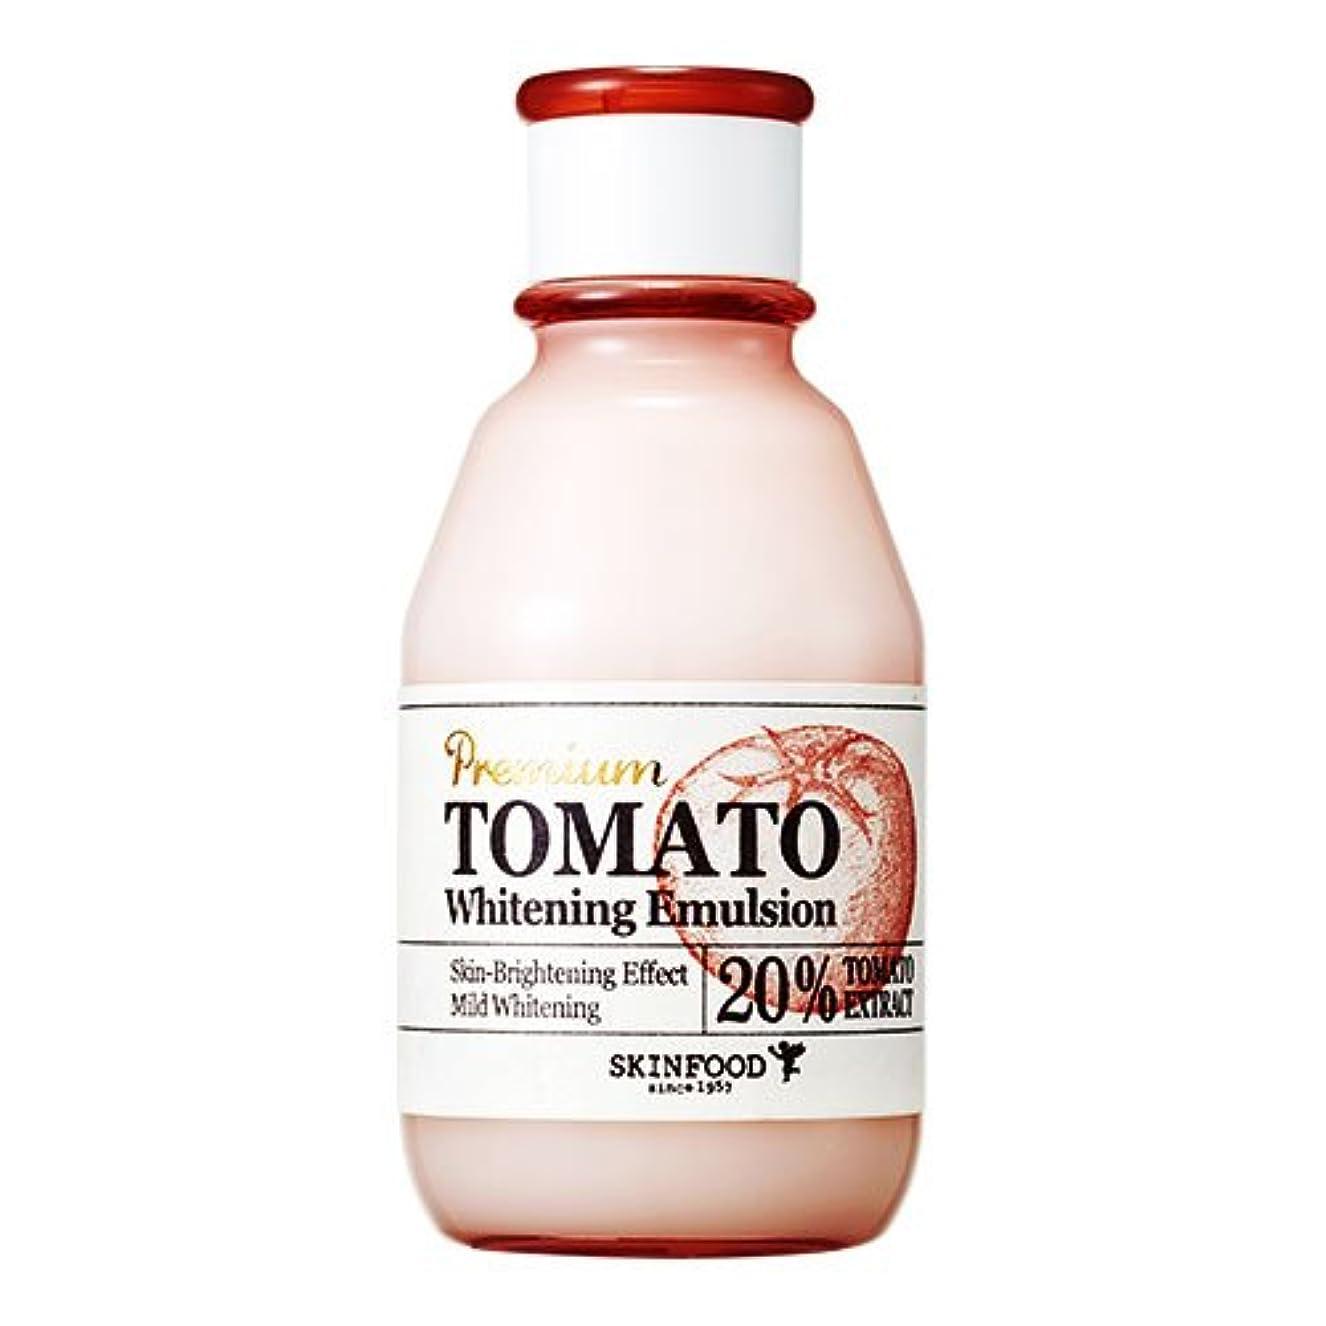 値する東健康[スキンフード] SKINFOOD プレミアムトマトホワイトニングエマルジョン Premium Tomato Whitening Emulsion (海外直送品) [並行輸入品]